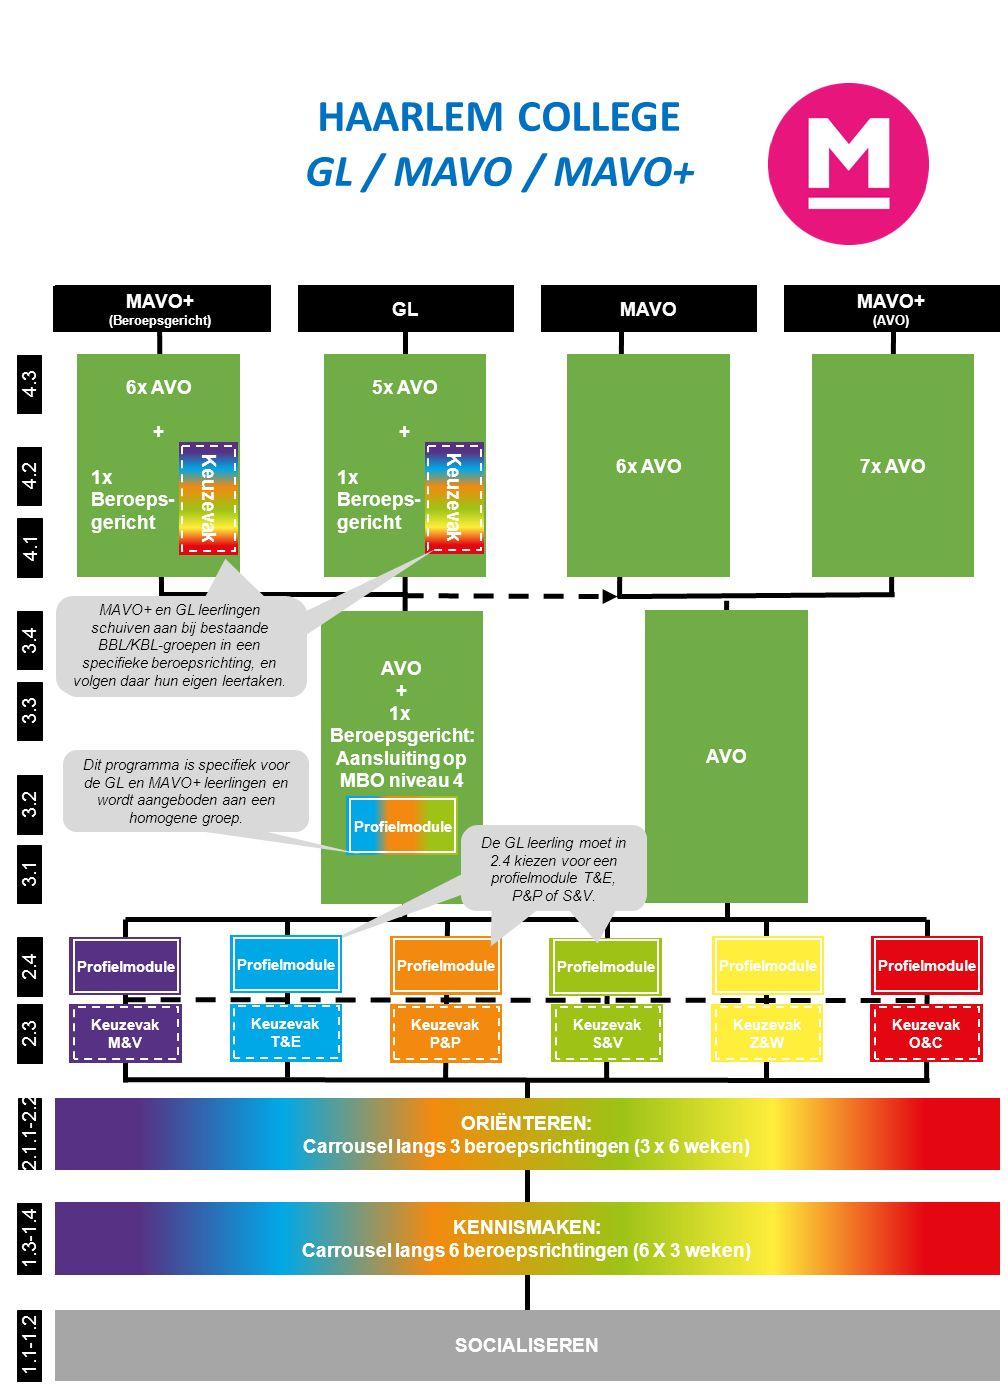 Keuzevak of Profielmodule Keuzevak of Profielmodule Ondernemen & Commercie Media & Vormgeving 3x Profielmodule 4.3 Profielmodule 4.2 3.4 3.3 3.2 3.1 4.1 1.1-1.2 SOCIALISEREN 2.4 HAARLEM COLLEGE BB / KB 1.3-1.4 2.1.1-2.2 KENNISMAKEN: Carrousel langs 6 beroepsrichtingen (6 X 3 weken) 2.3 3x Profielmodule Keuzevak EXAMENVOORBEREIDING Keuzevak ORIËNTEREN: Carrousel langs 3 beroepsrichtingen (3 x 6 weken) 3x Profielmodule Keuzevak Deze leerling weet al wat hij wil doen en kiest constant voor M&V.